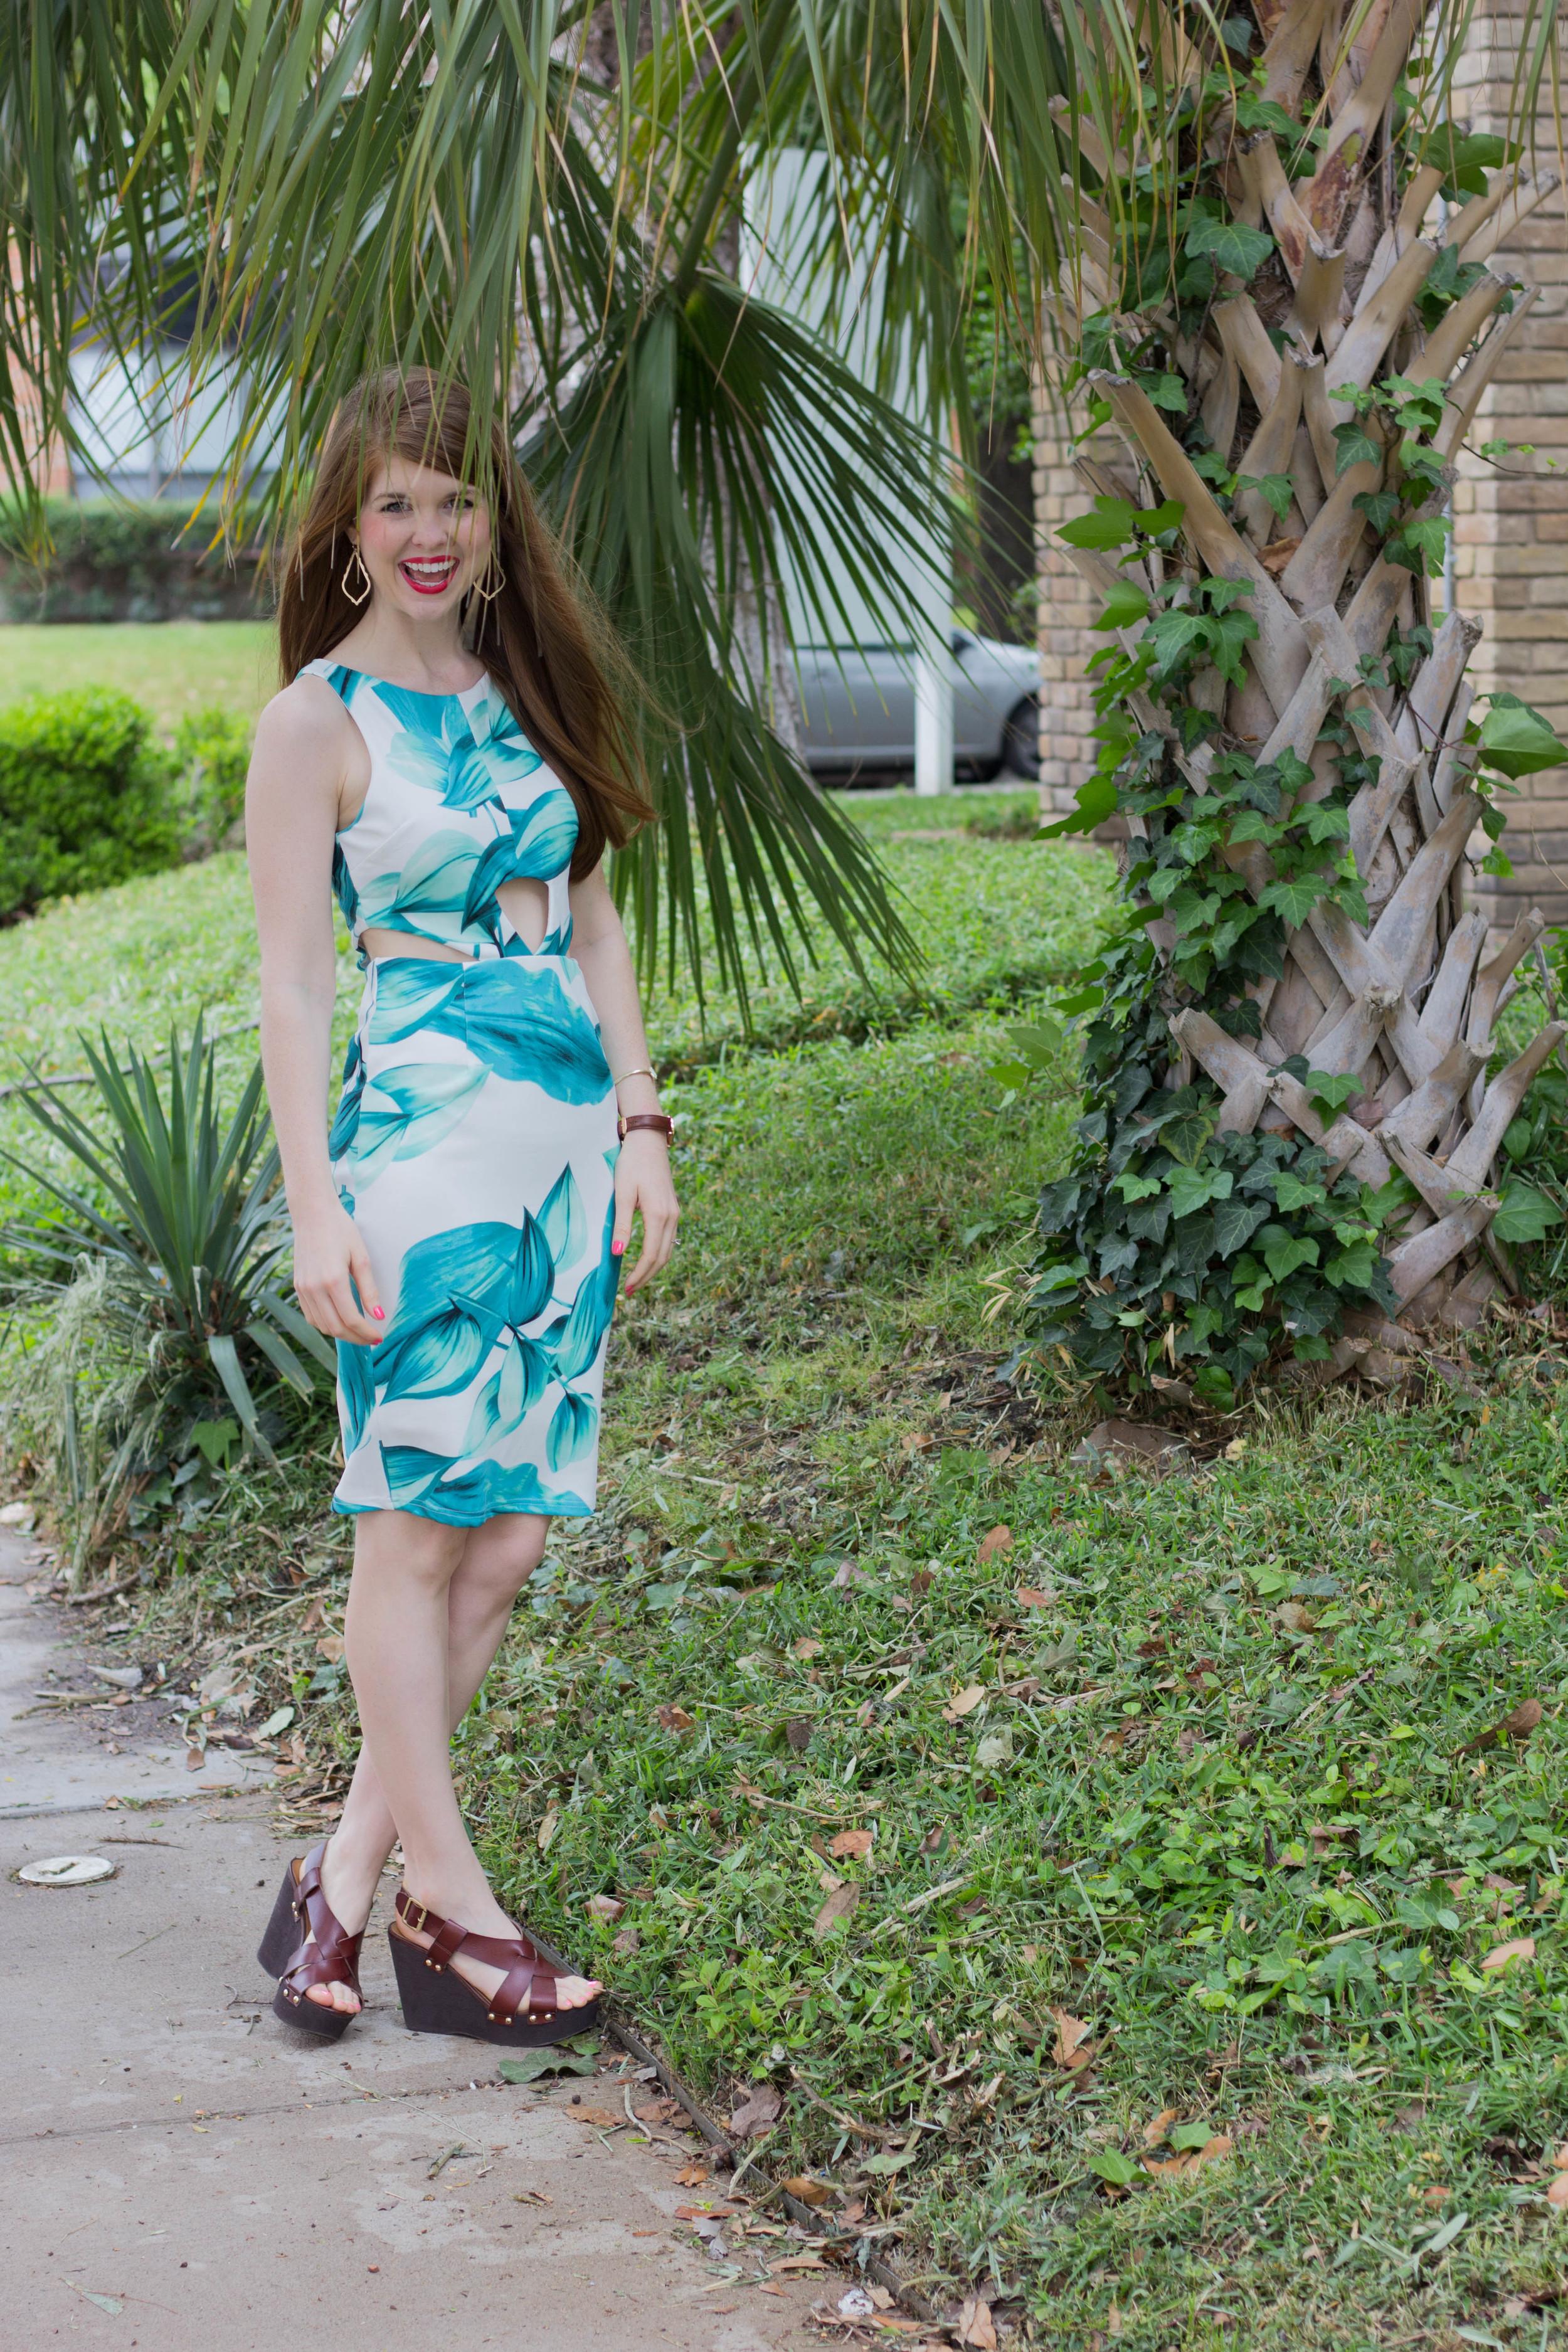 shop riffraff latiste by amy exotic midi palm tree dress, steve madden wedges, kendra scott sophee earrings, kate spade bangle, daniel wellington watch,